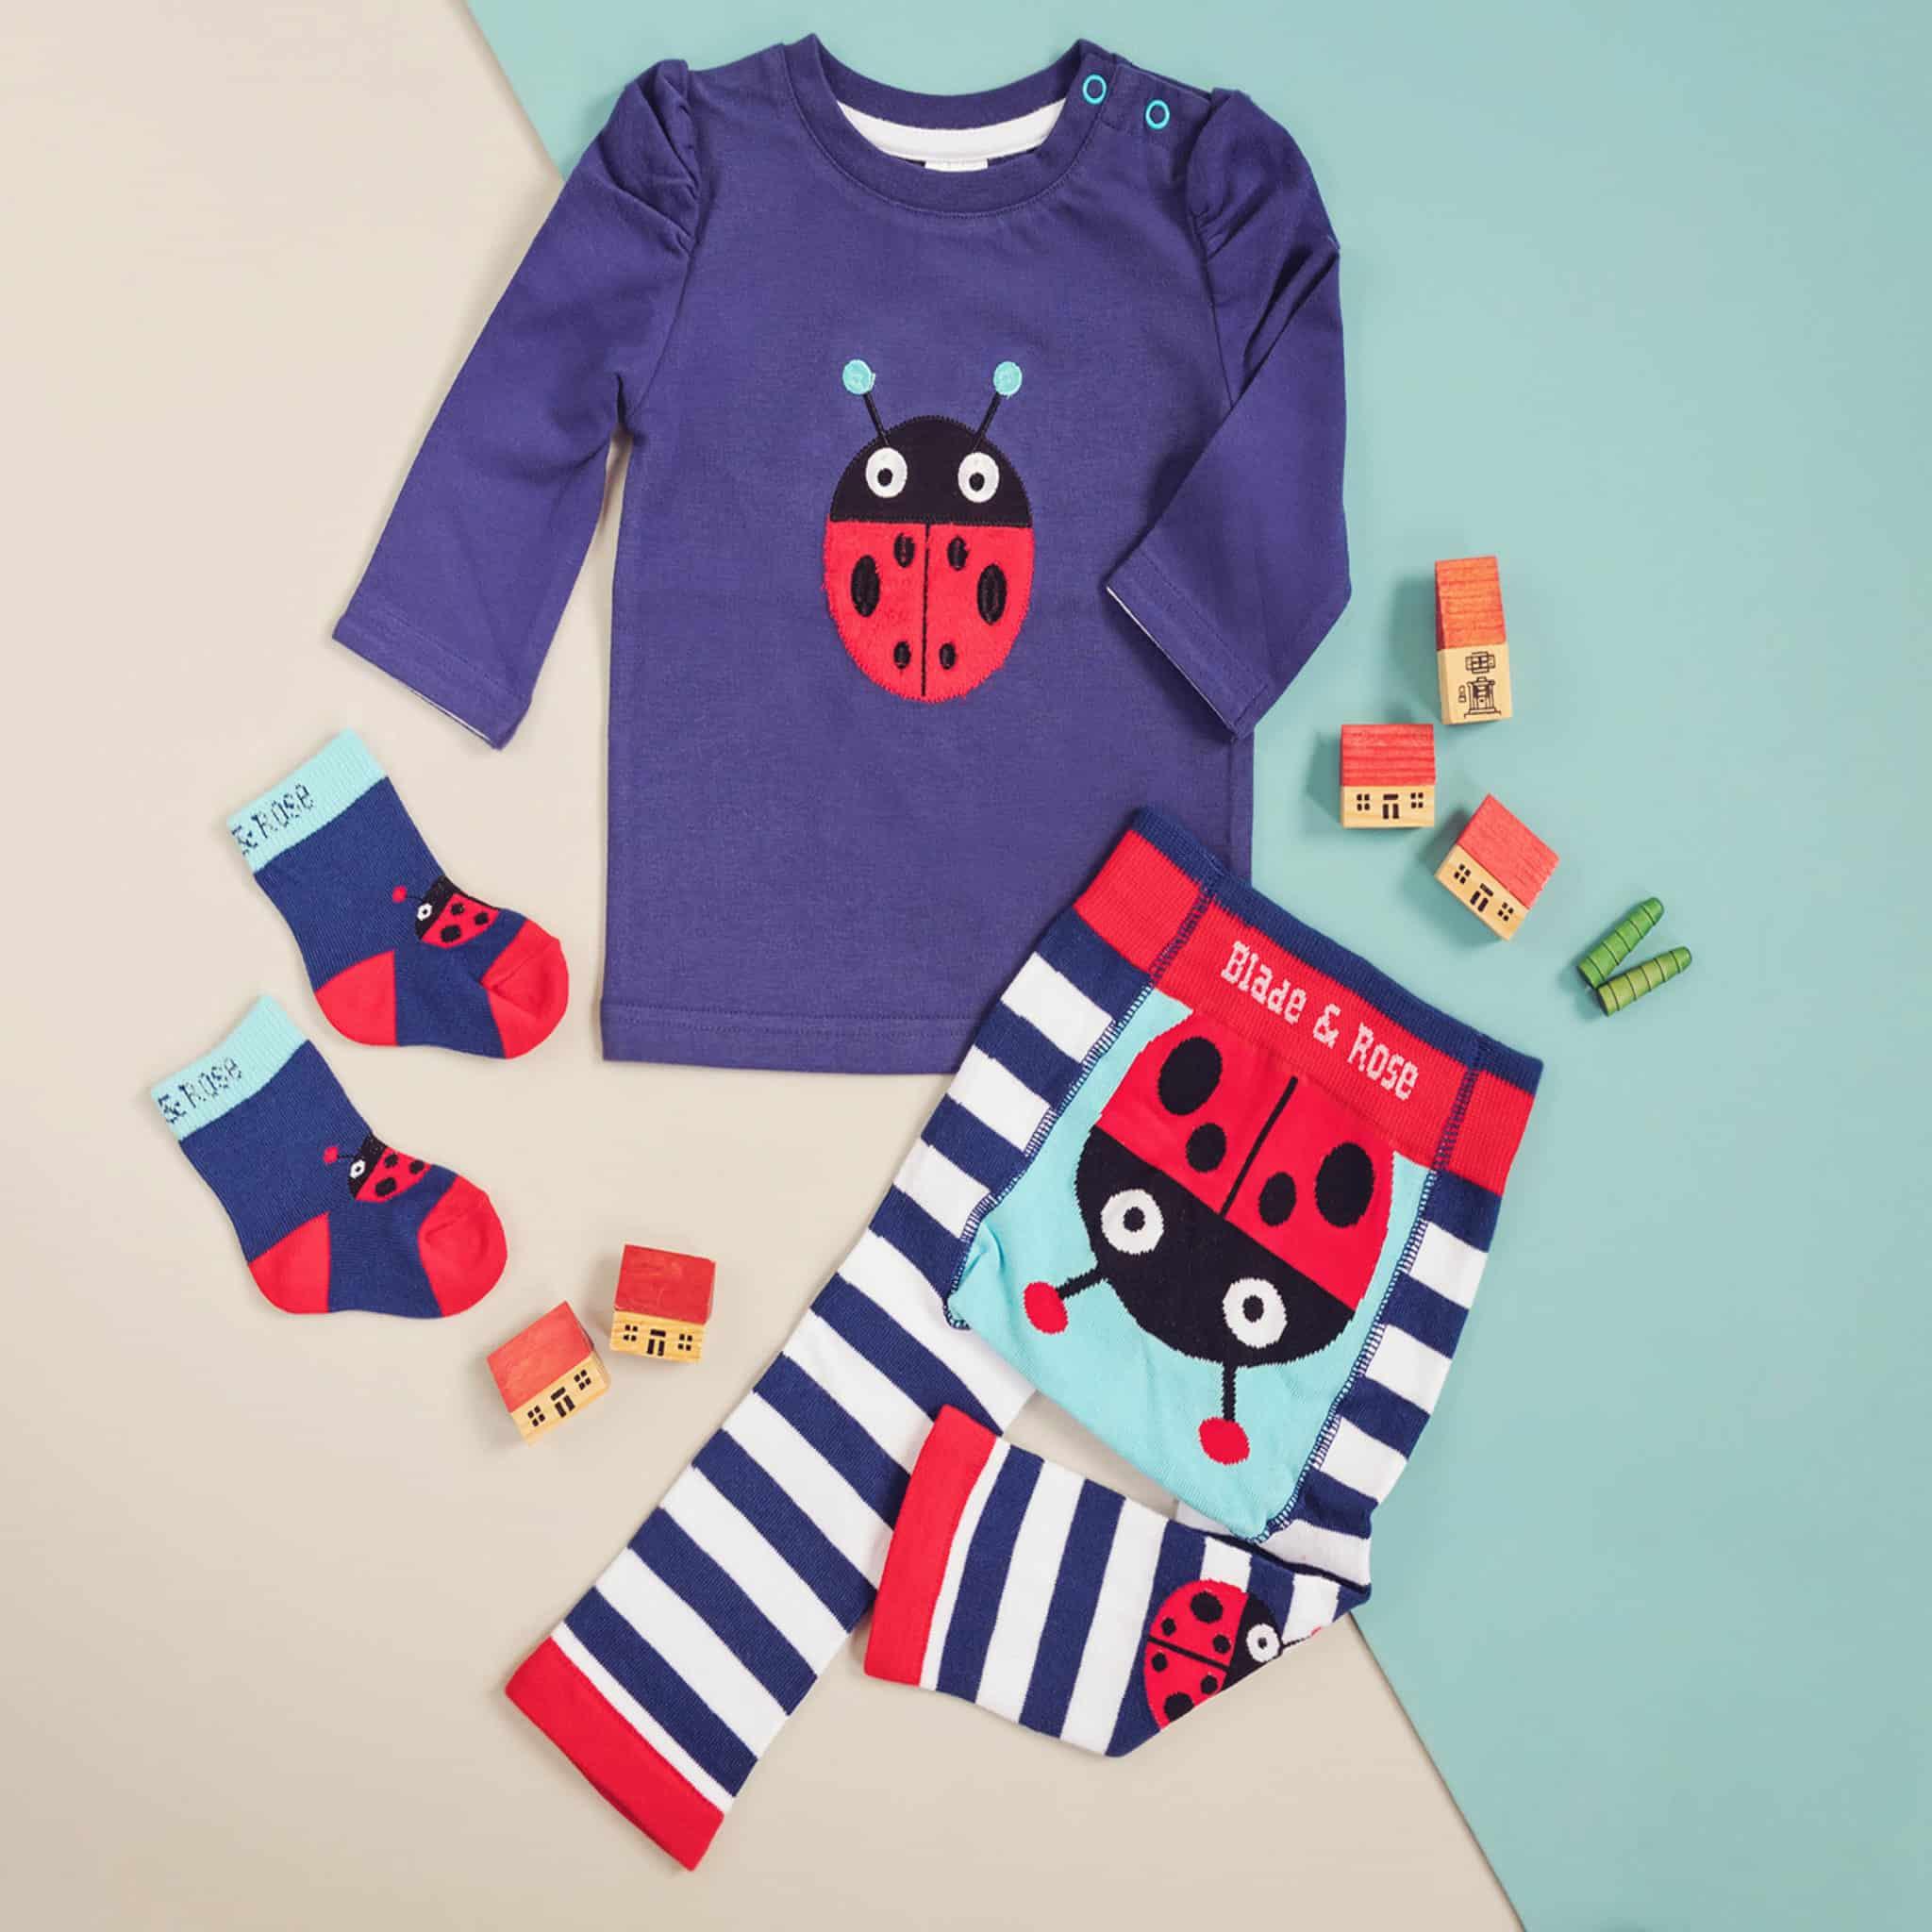 Best Childrens Fashion